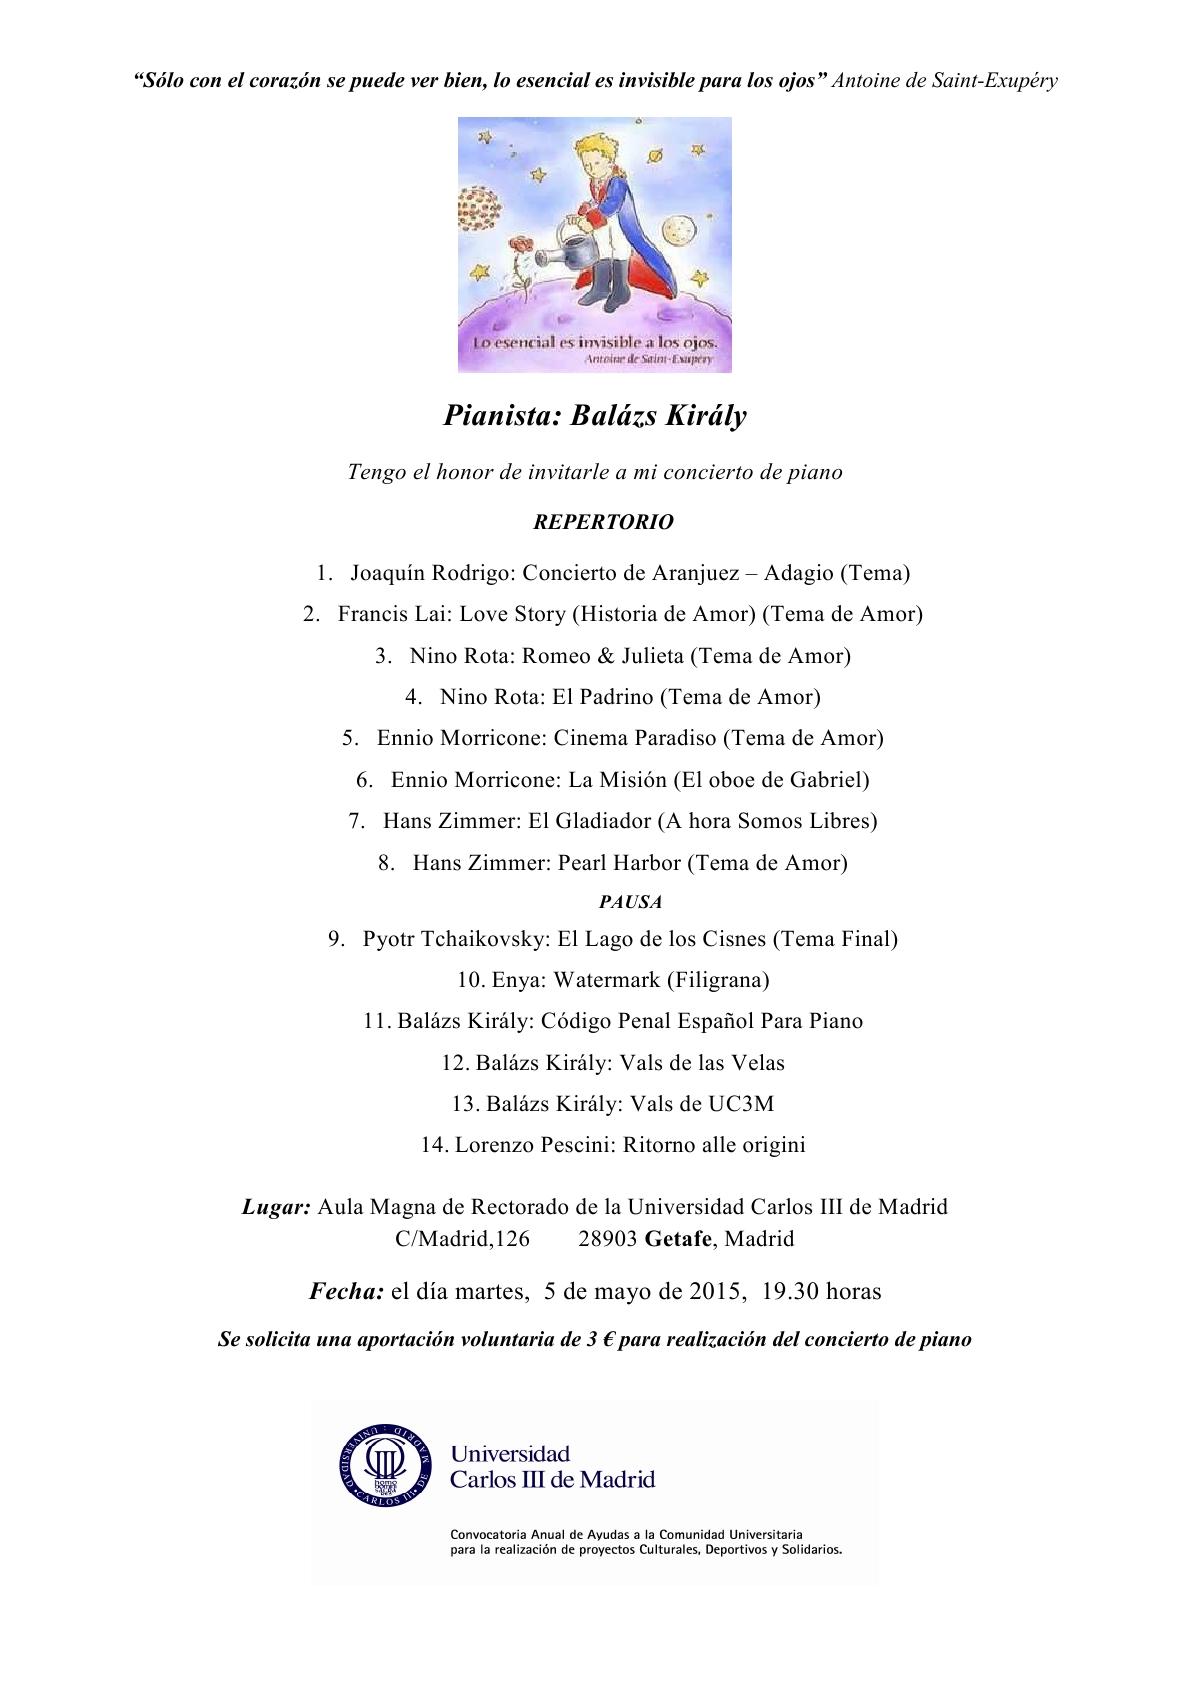 3  Balázs KirályInvitación - Concierto de piano en el Aula Magna de la UC3M